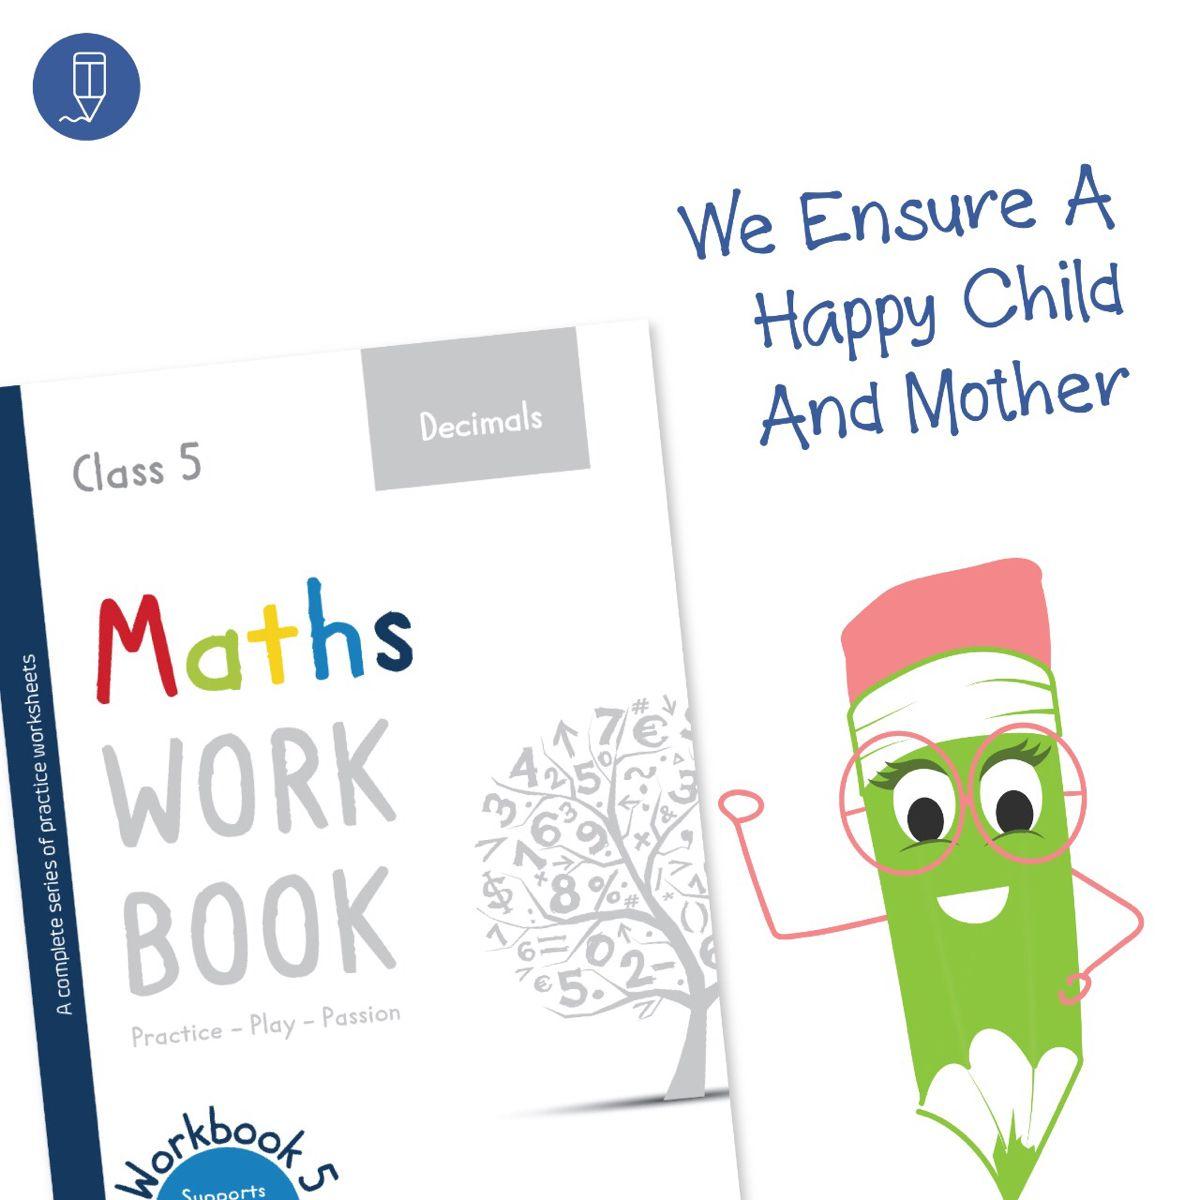 Maths Worksheets Grade 5 Decimals